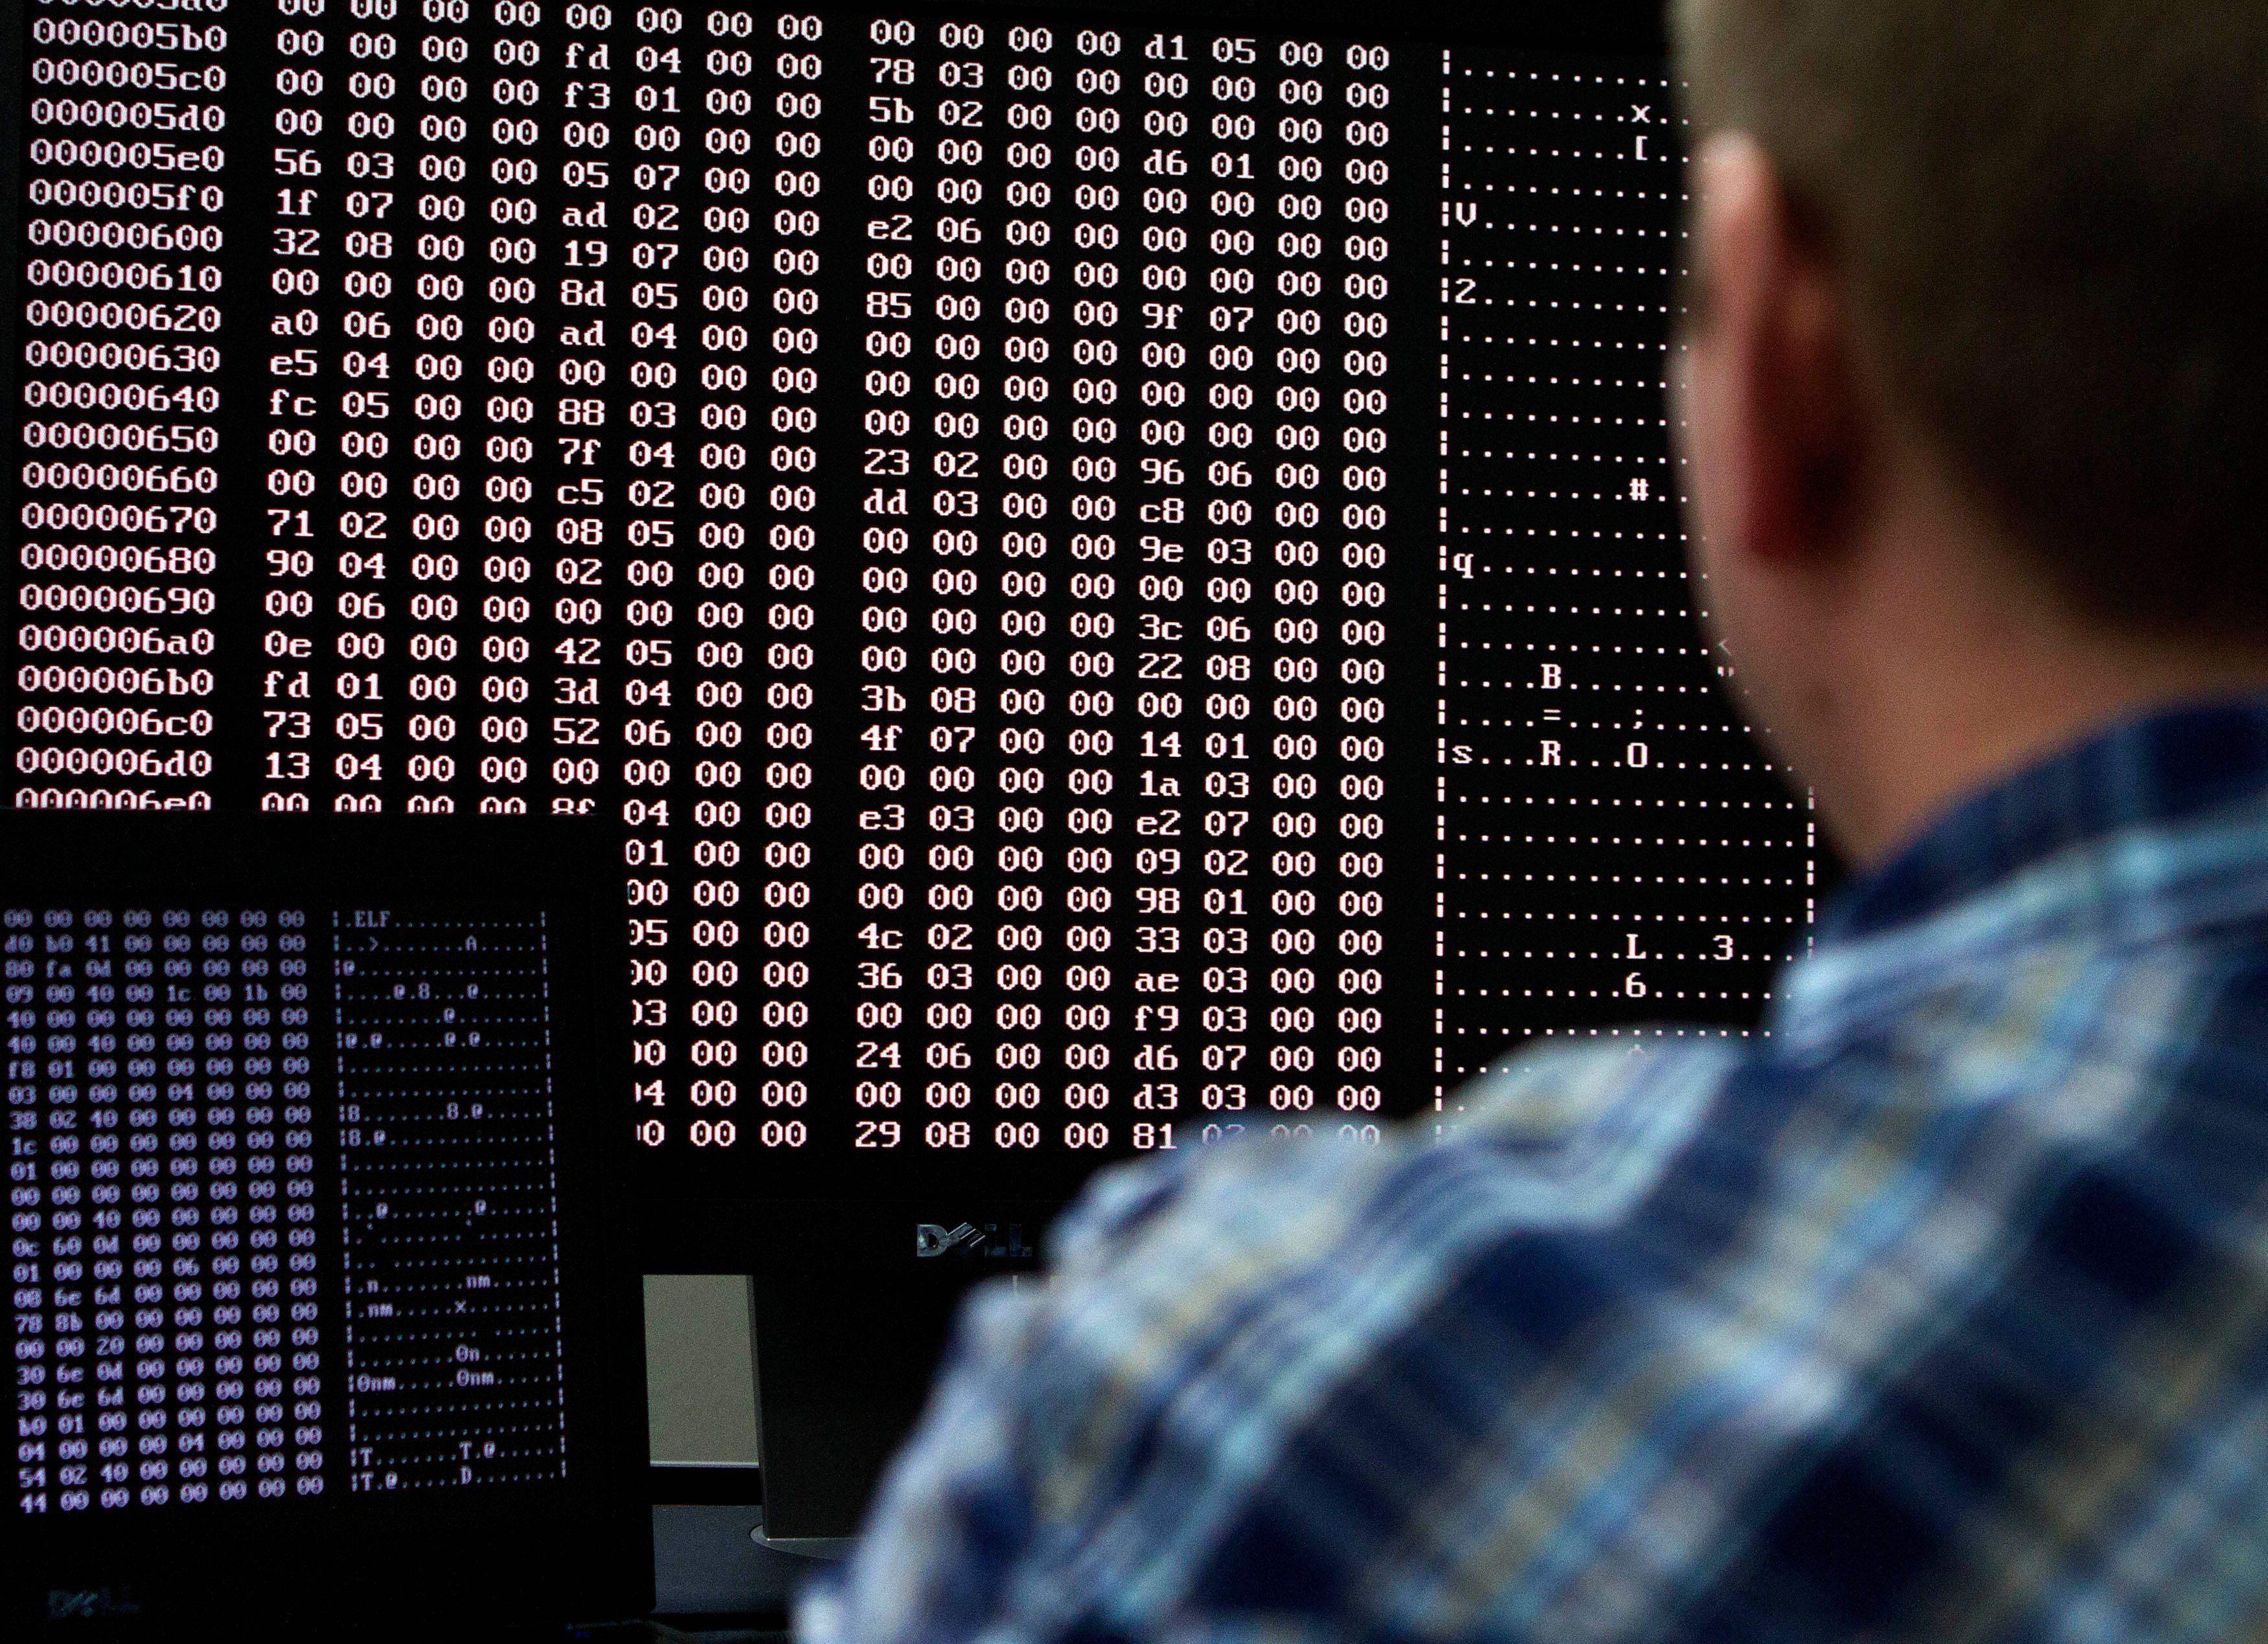 Spectre et Meltdown : pourquoi les failles de sécurité que l'on vient de détecter dans les micro-processeurs relèvent du jamais-vu en termes de gravité